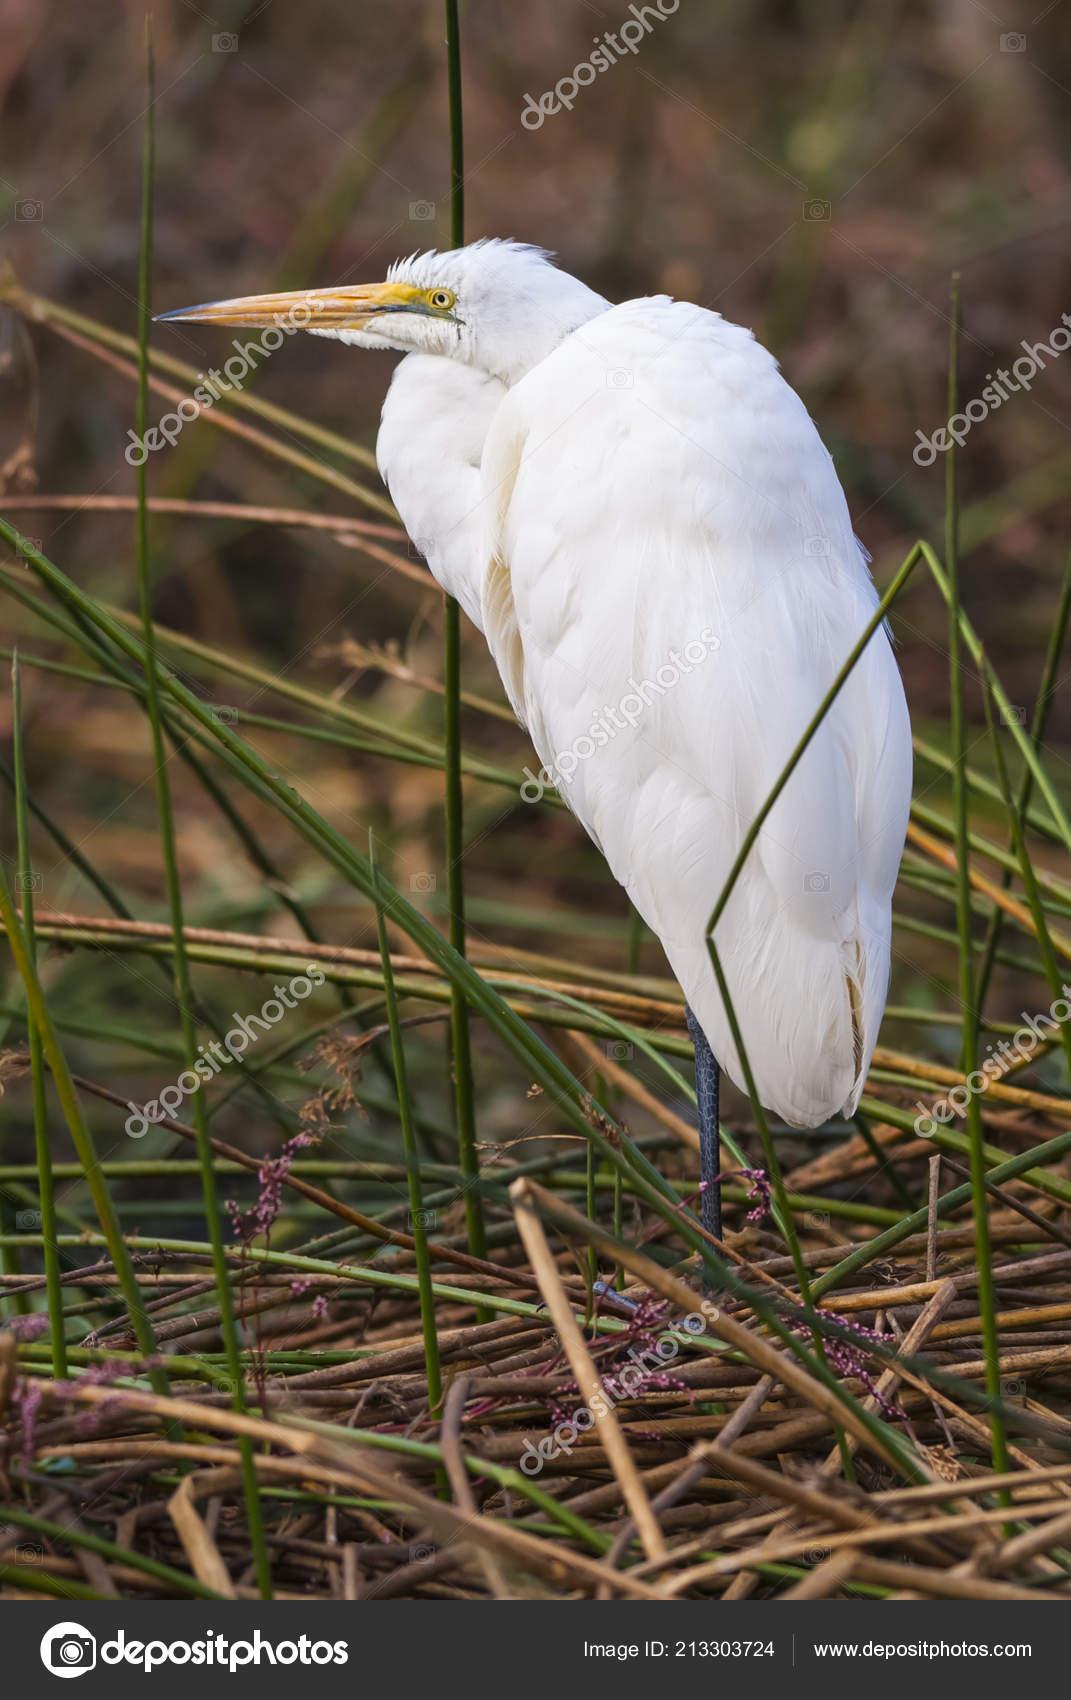 Www velký pták obrázky com